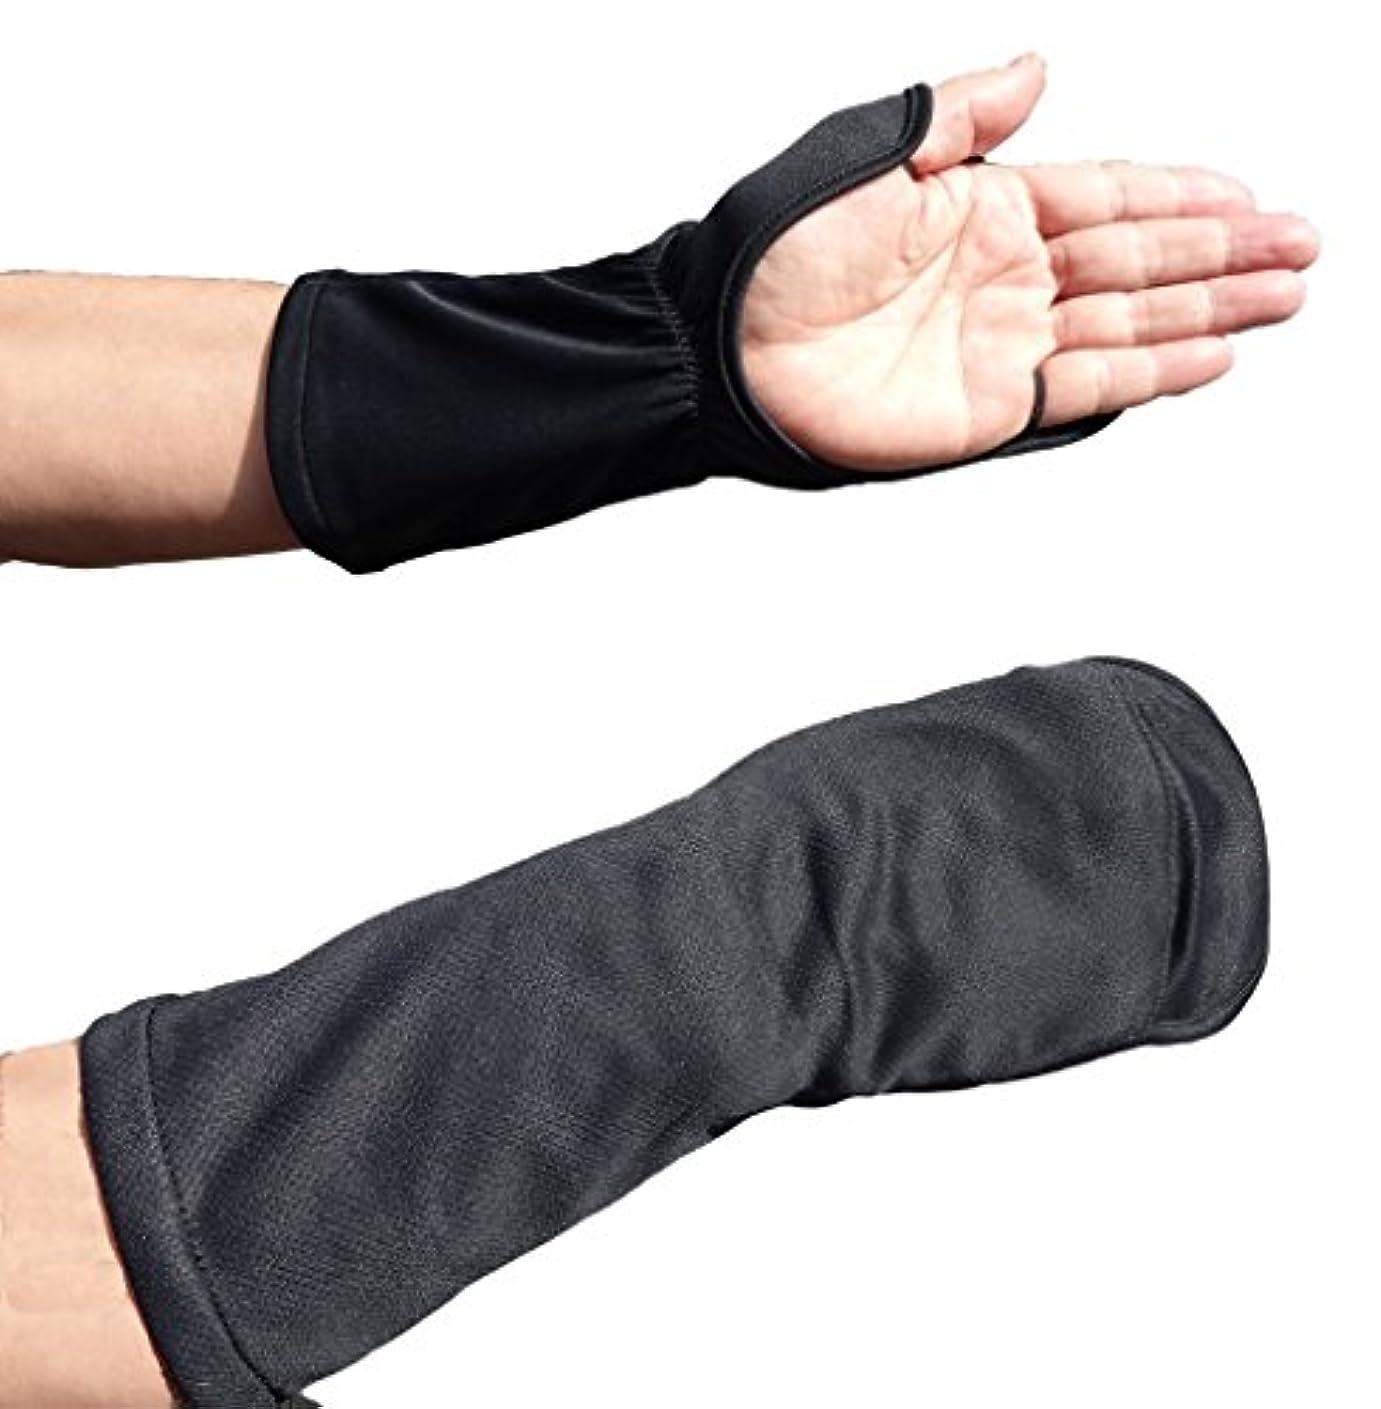 討論ジャベスウィルソンすみませんUVカット 指まで隠れるハンドカバー 【手の甲の日焼け防止手袋】紫外線対策